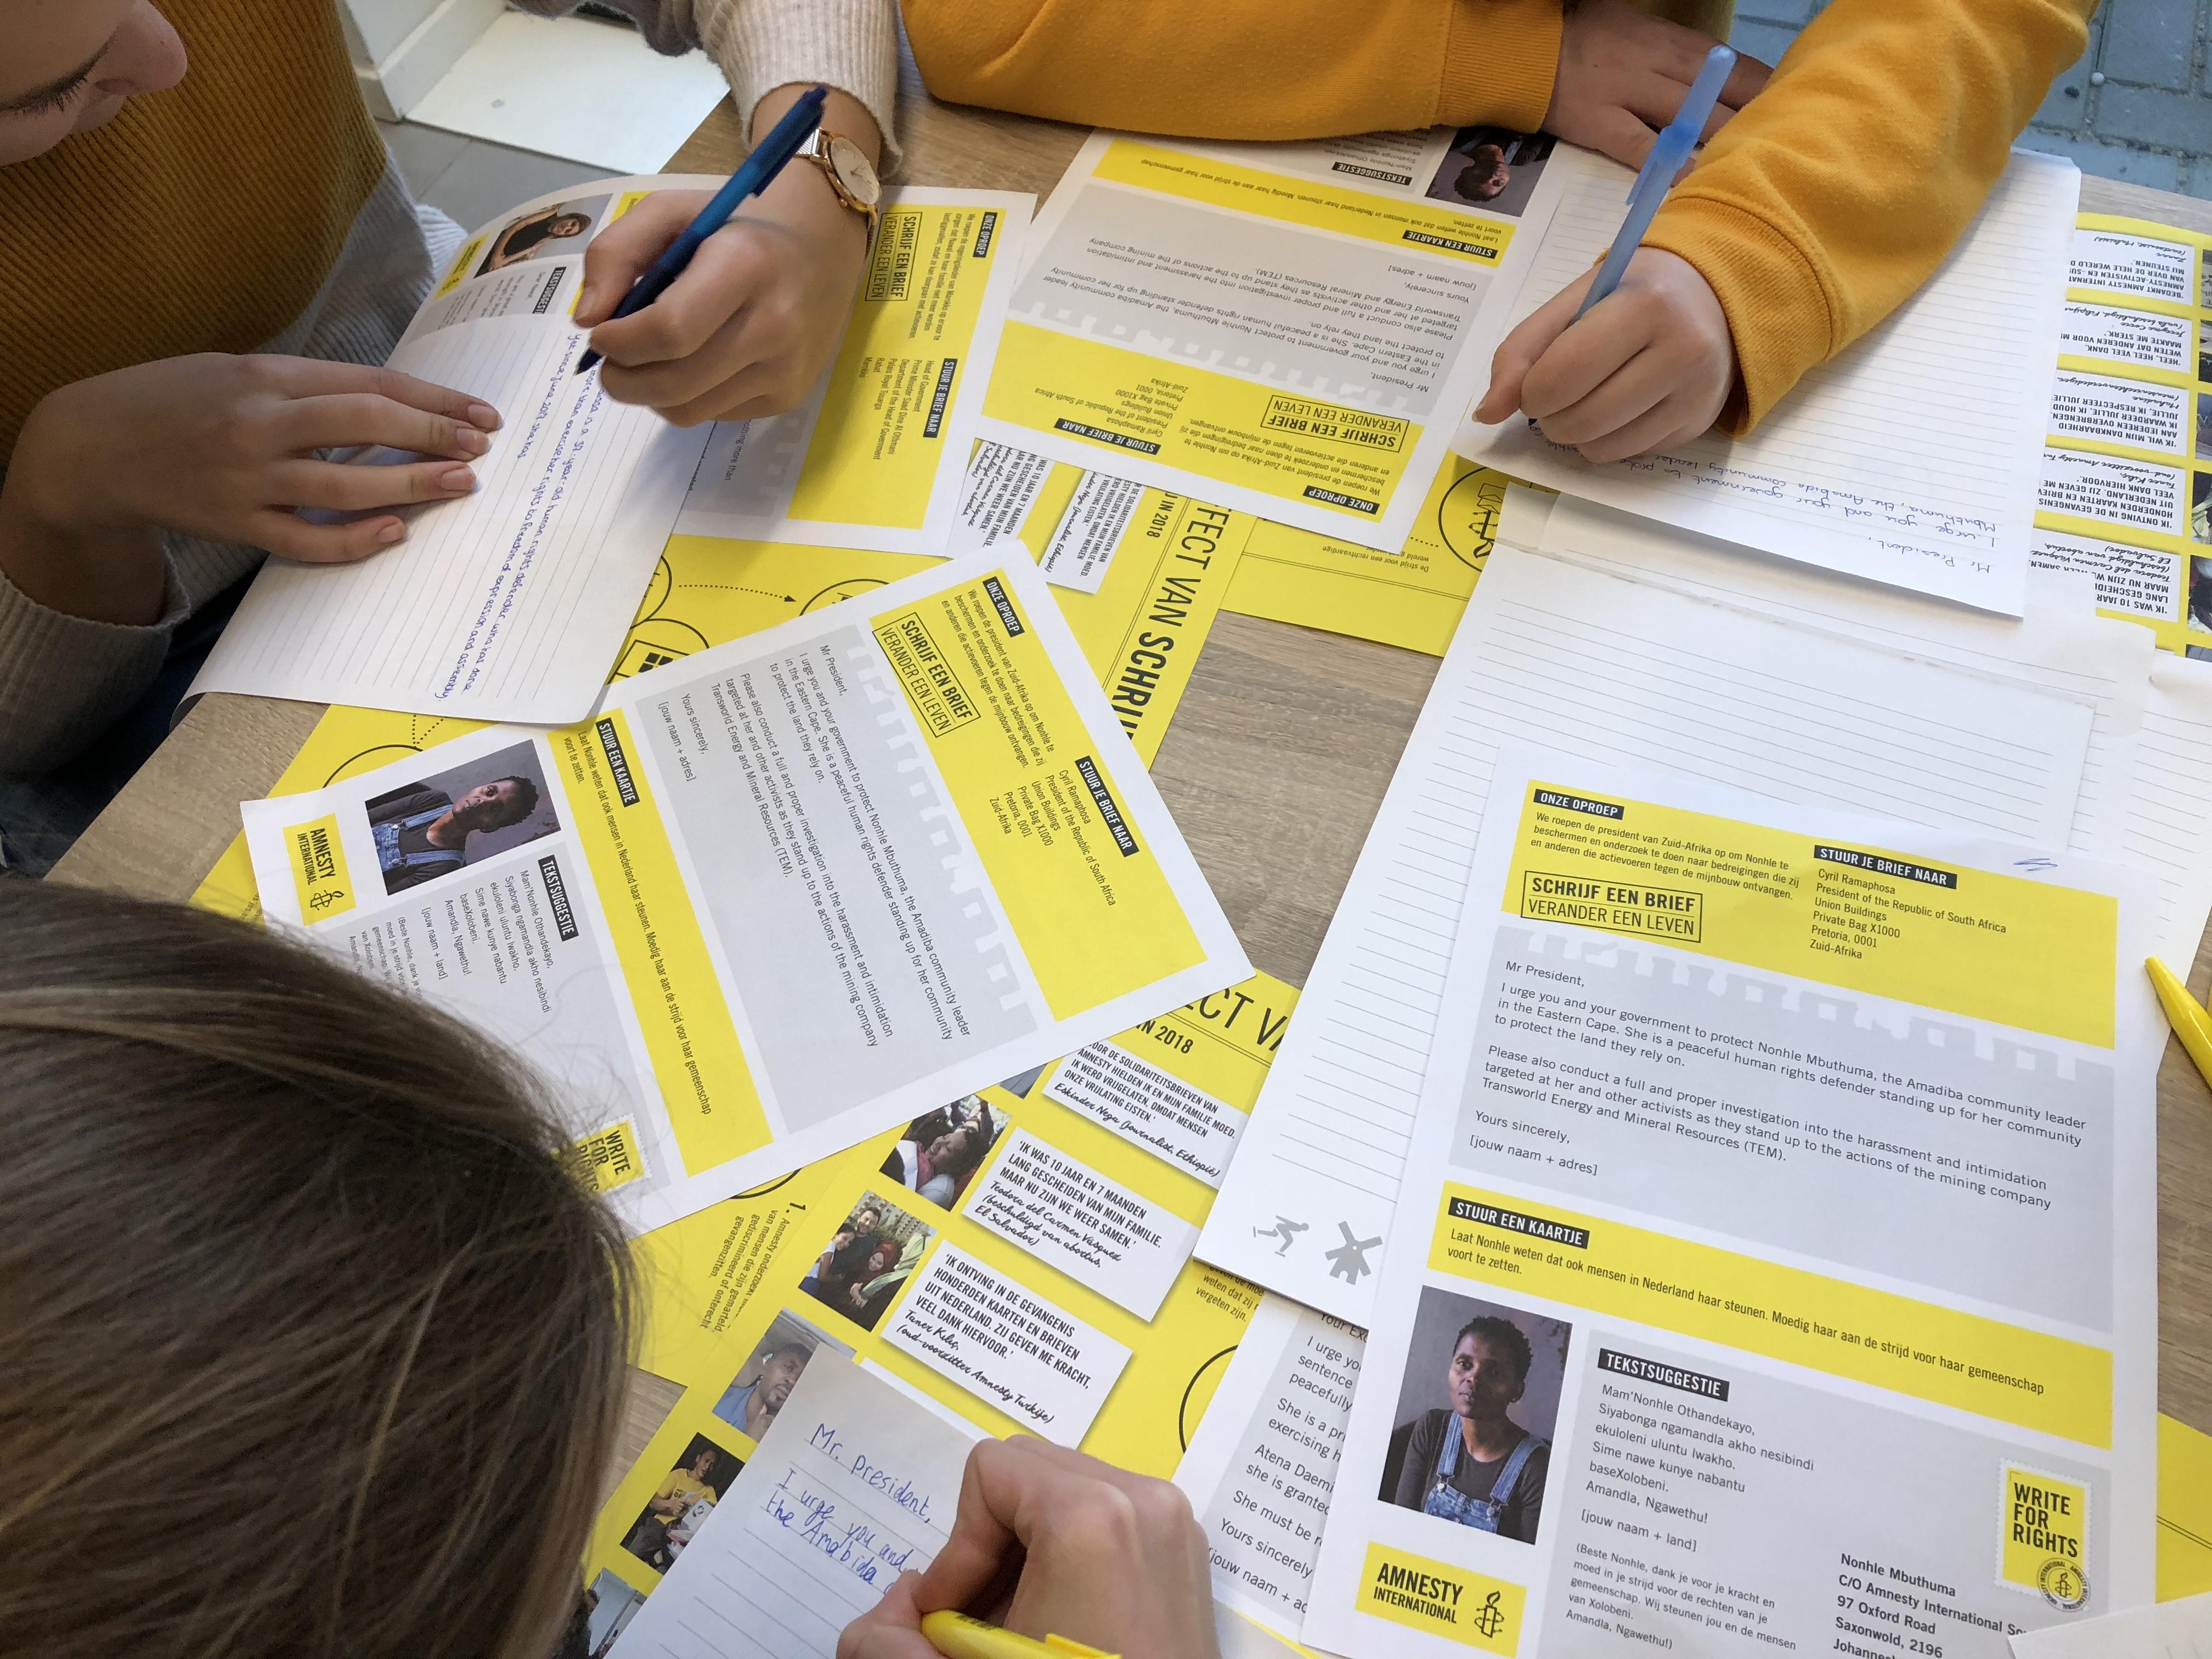 Leerlingen van Tabor College Werenfridus deden maandag mee aan de actie Write for rights van Amnesty International. (Foto: Merel de Nijs)